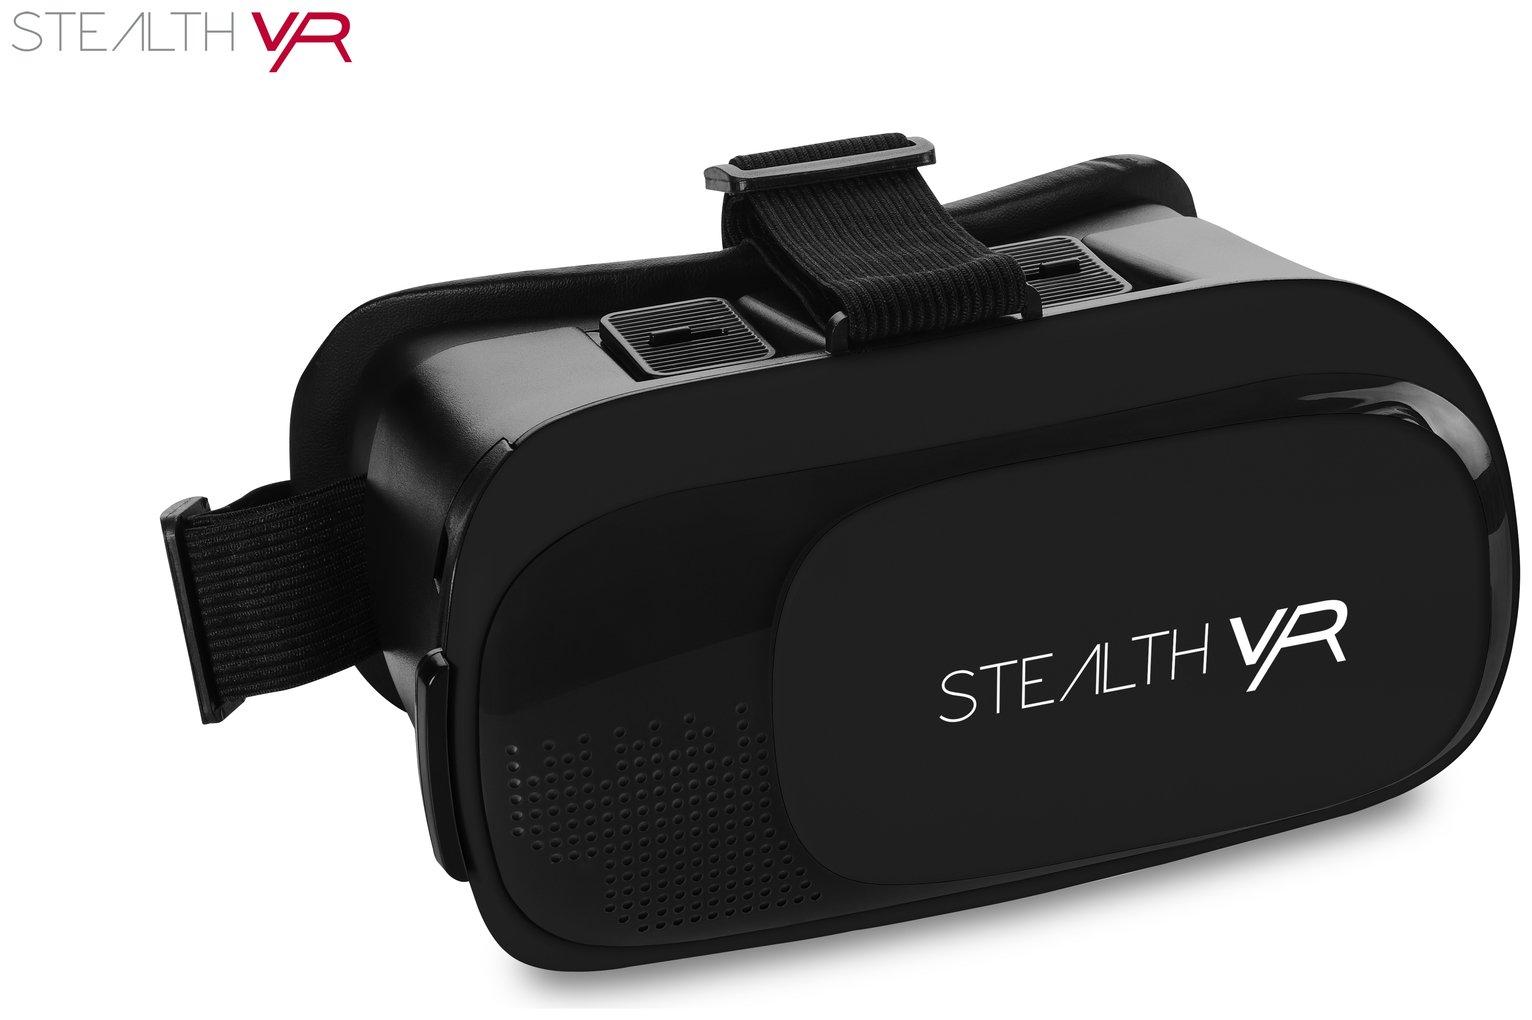 Stealth VR50 Mobile VR Headset - Black